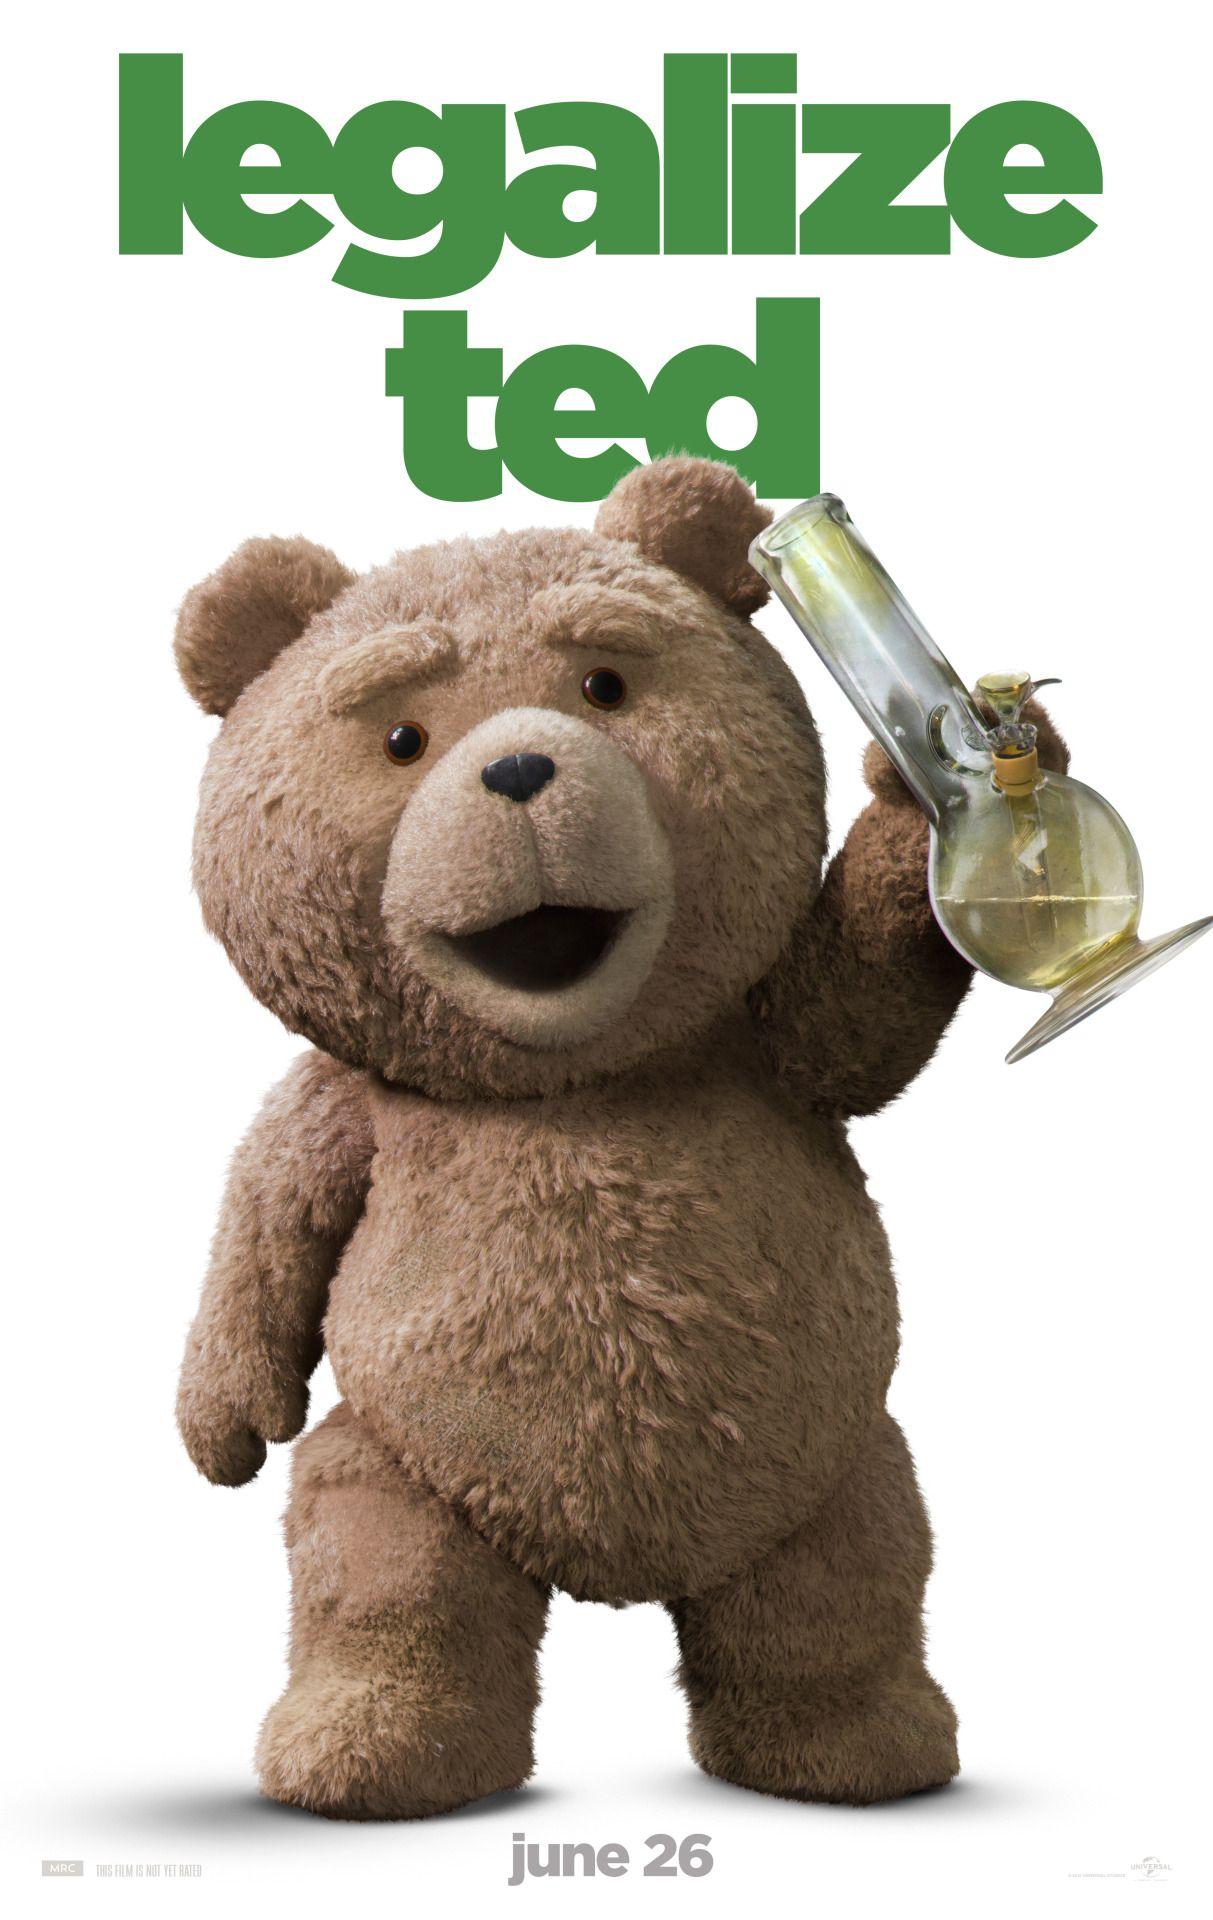 Праздником, медведь тедди картинки из фильма